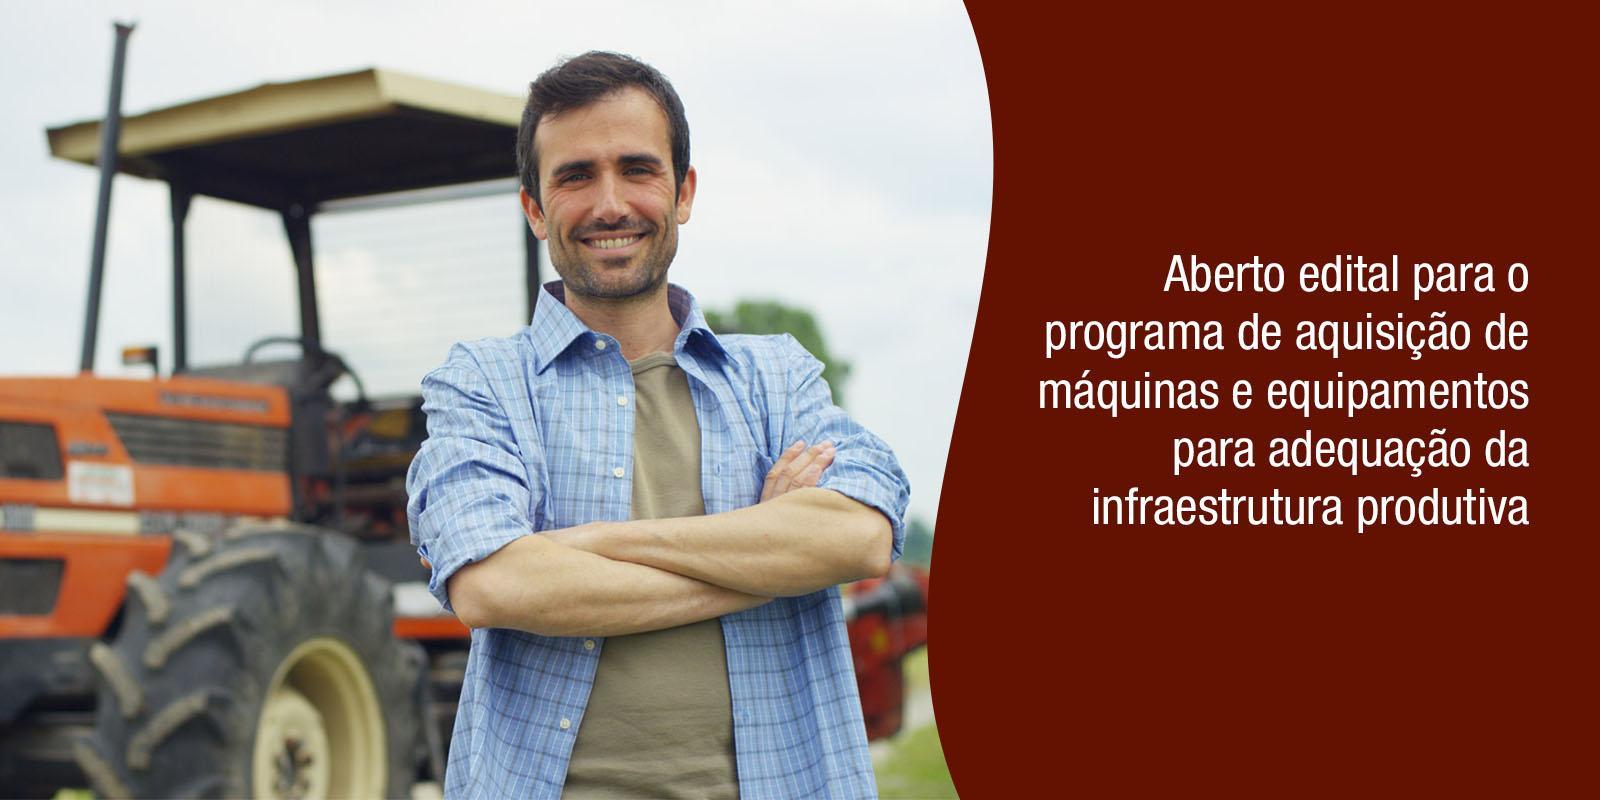 Portal AMM informa: Aberto edital para o programa de aquisição de máquinas e equipamentos para adequação da infraestrutura produtiva